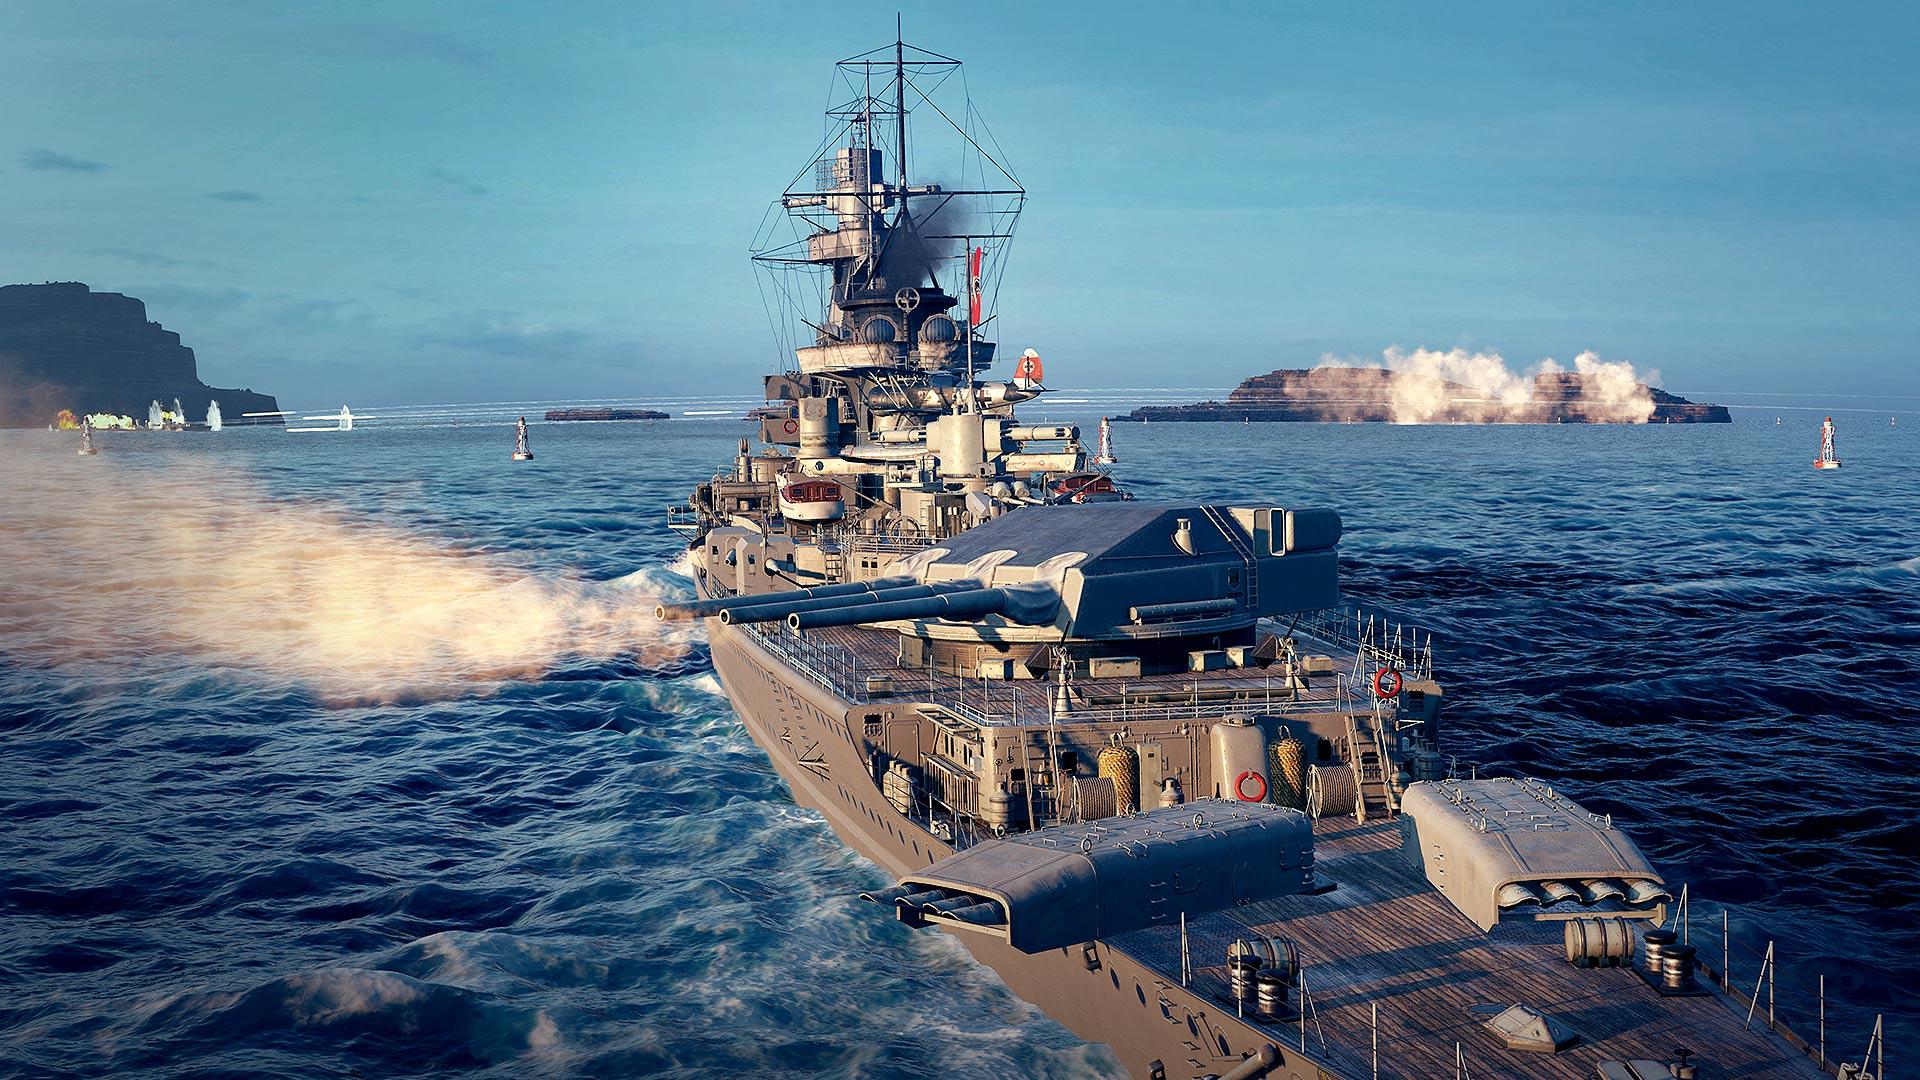 World of Warships: Legends - Pocket Battleship on PS4   Official PlayStation™Store UK